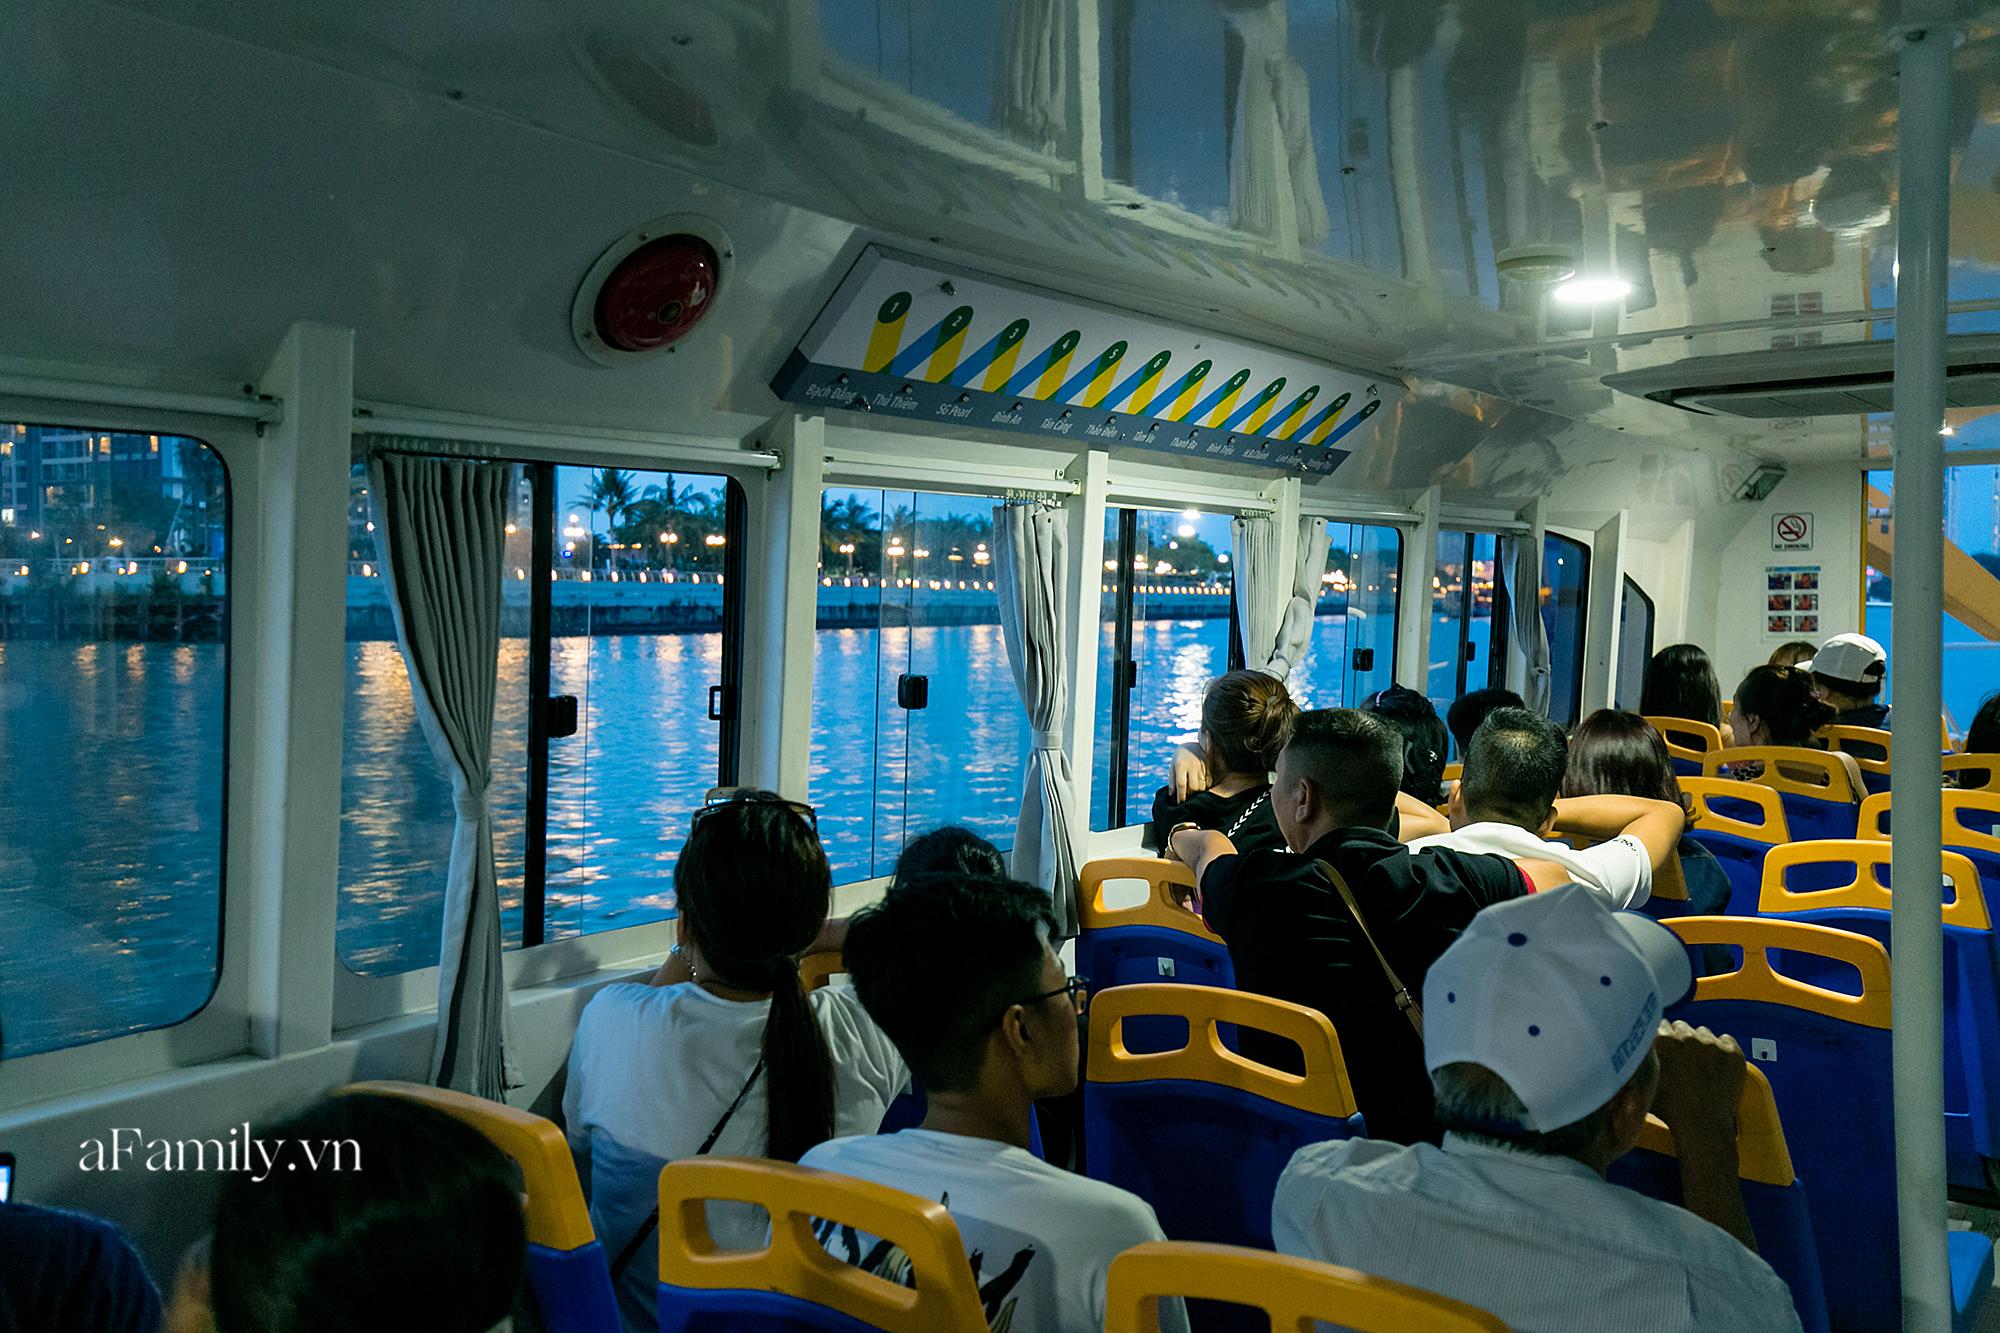 """Bất ngờ về """"3 cái khủng"""" của bus tàu thủy tại bến Bạch Đằng, sau 3 năm khánh thành vẫn luôn có hàng trăm người chờ mỗi ngày để thấy được cảnh tượng có 1-0-2 này! - Ảnh 13."""